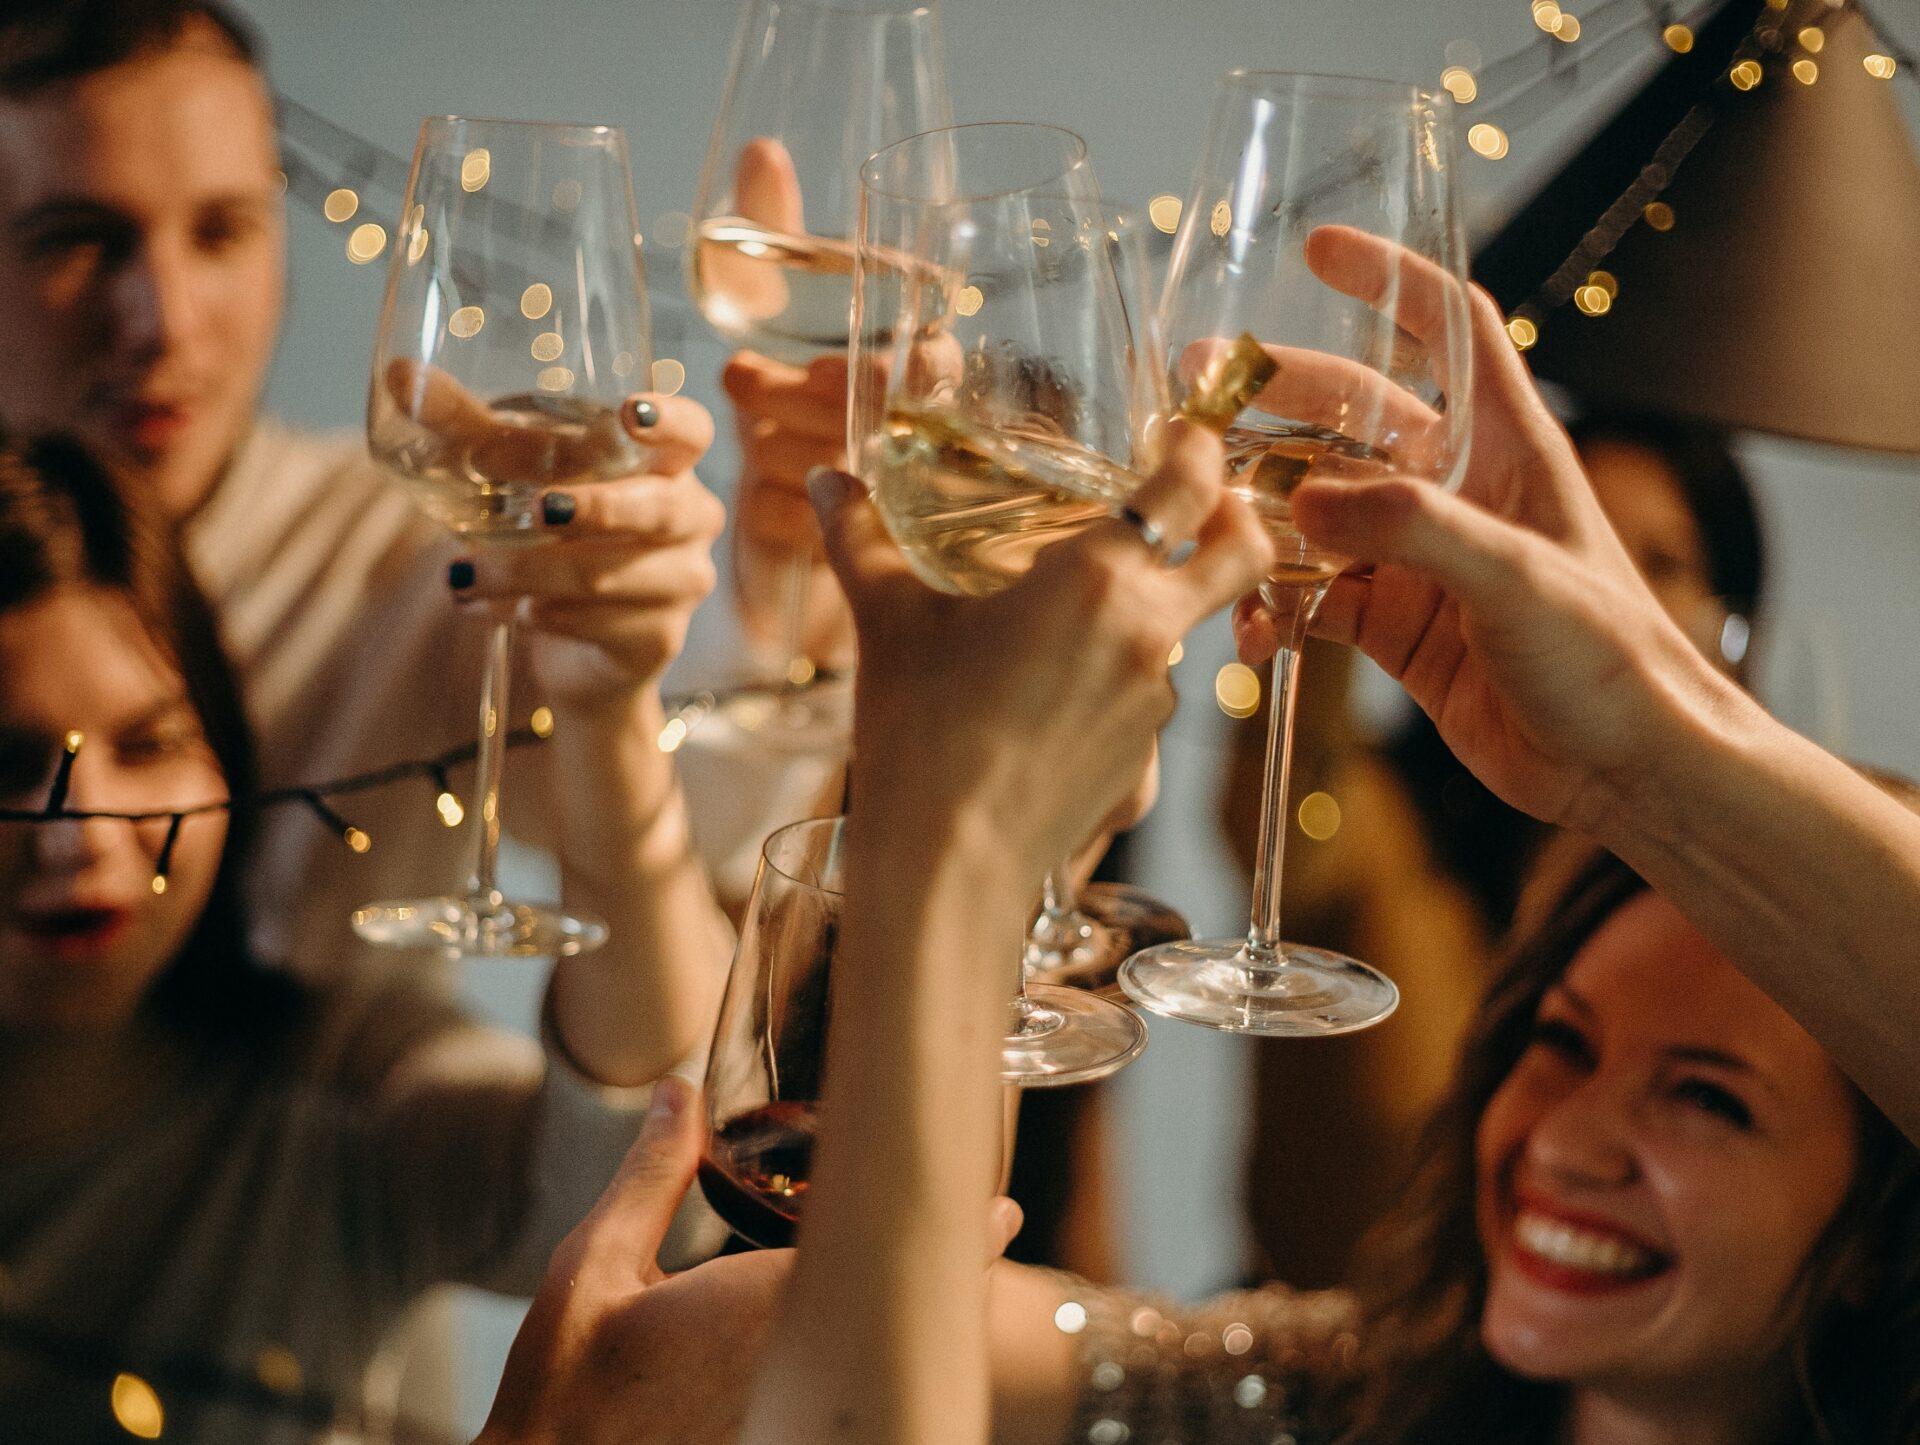 Il Ferrari Brut è la migliore bollicina italiana secondo The Champagne & Sparkling Wine World Championships 2020